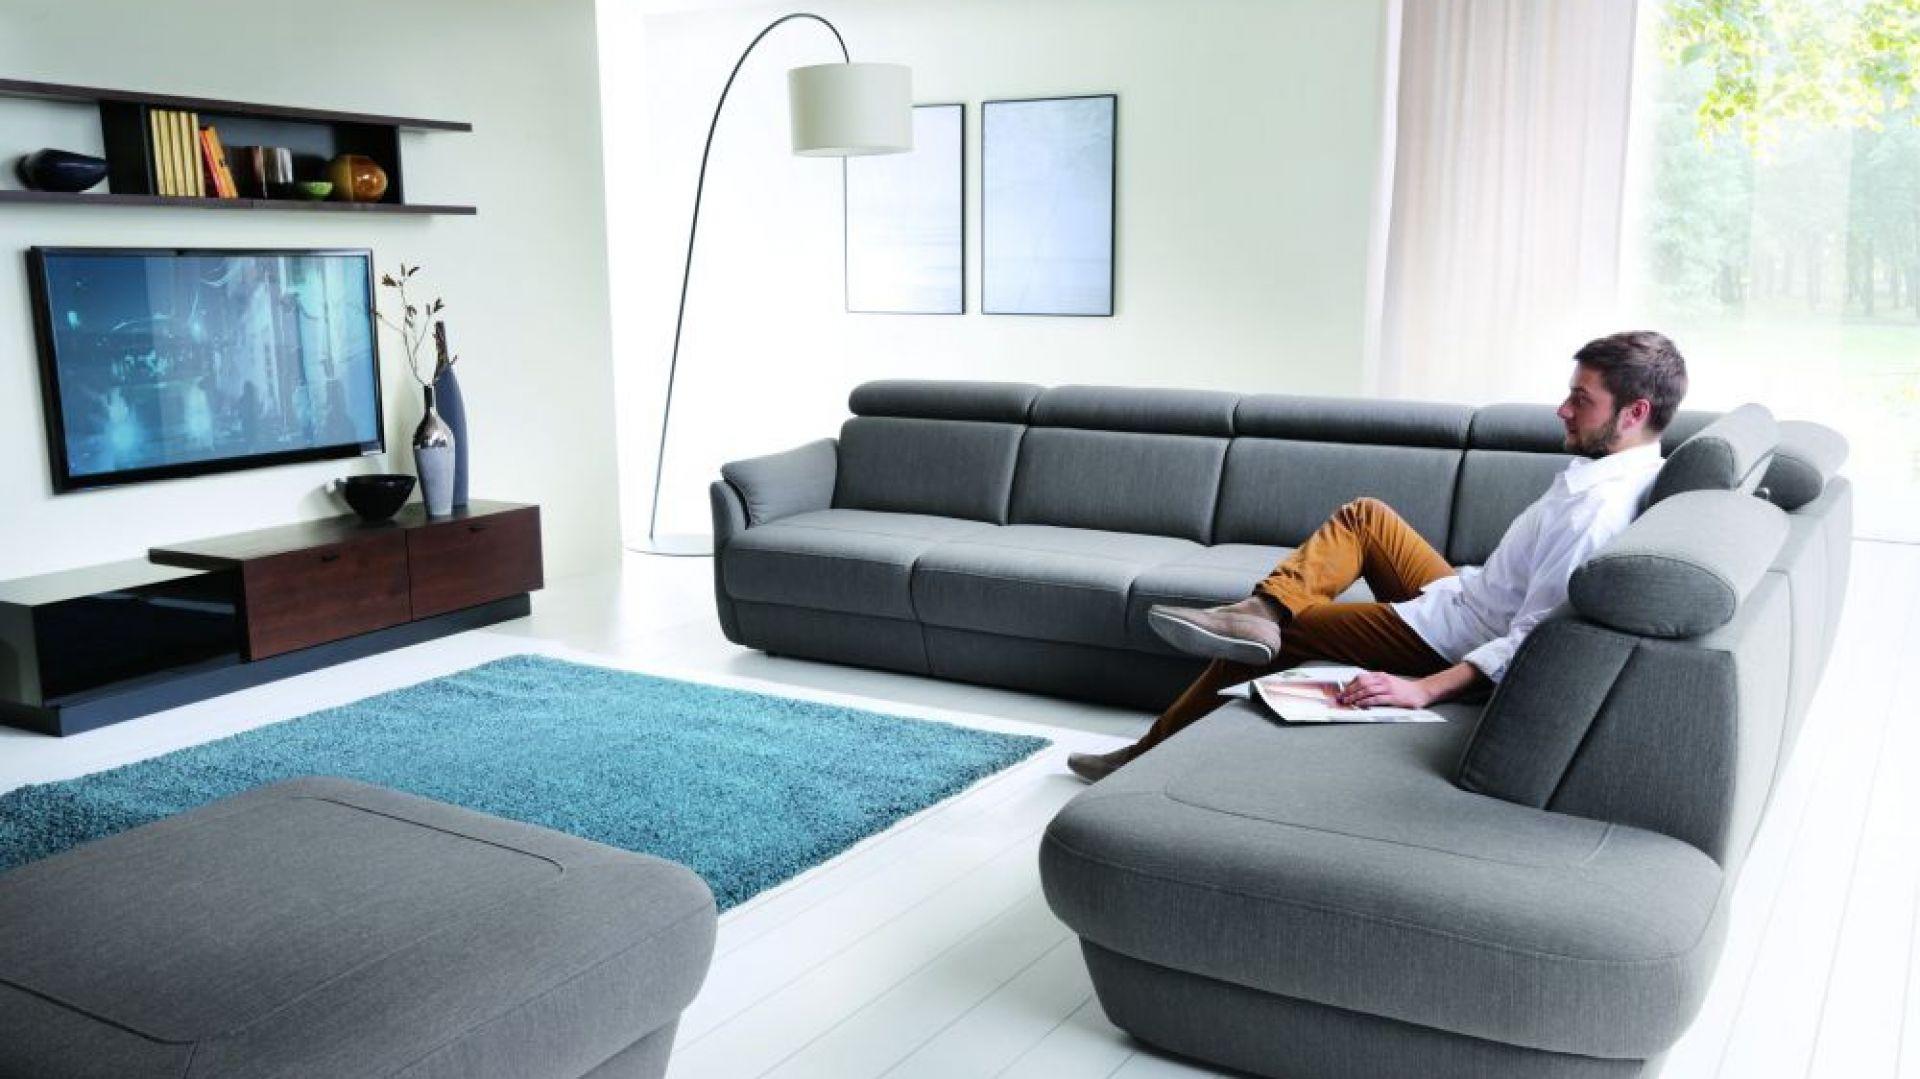 Narożnik Amethyst marki Bydgoskie Meble zapewnia wiele miejsca do siedzenia. Dzięki głębokim siedziskom można na nim doskonale wypocząć. Fot. Bydgoskie Meble